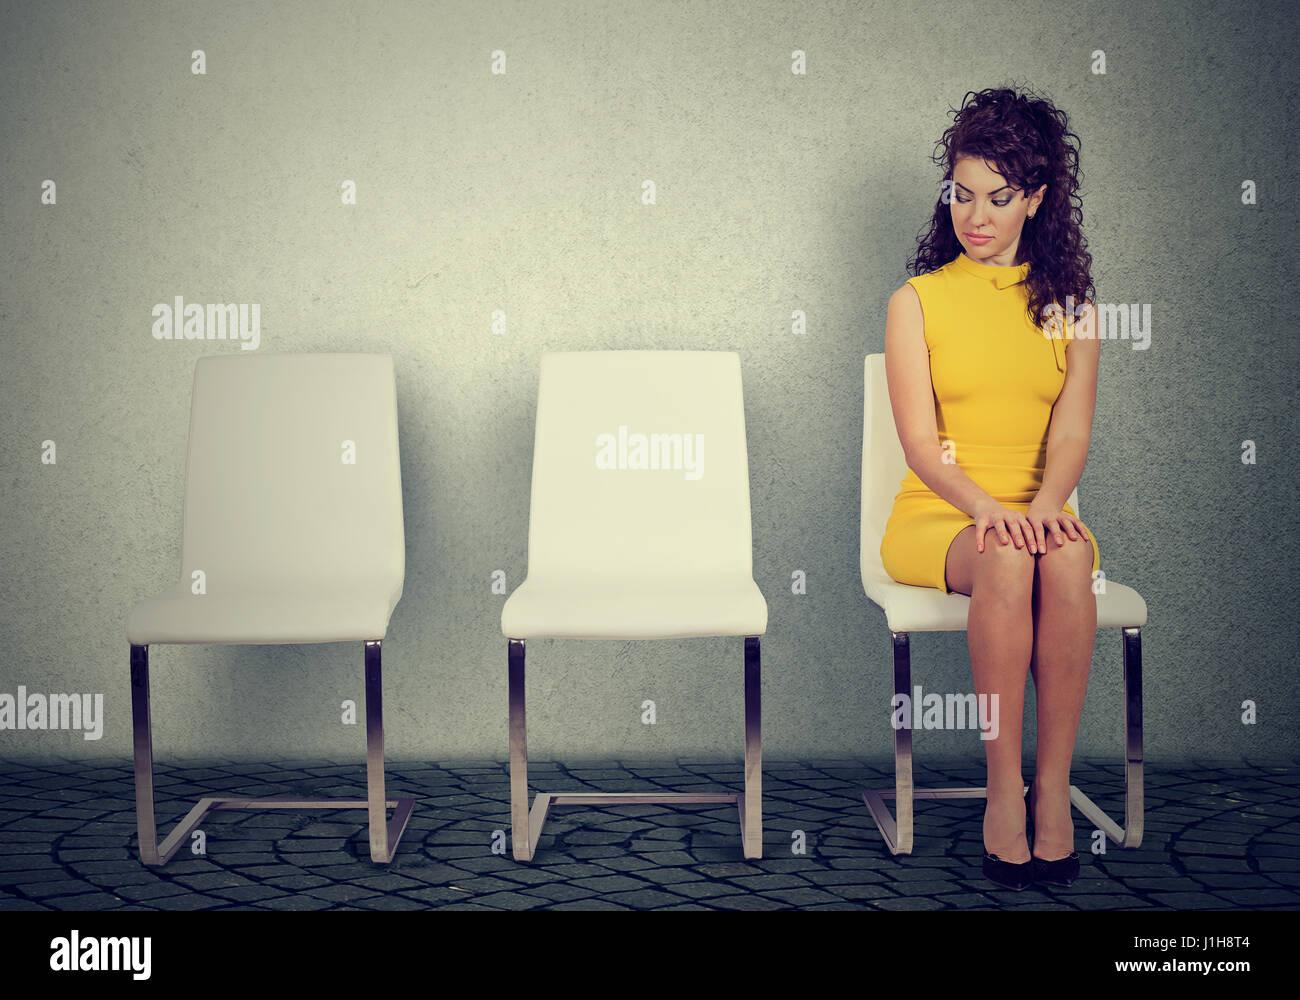 Junge Frau sitzt auf einem Stuhl warten auf Job-interview Stockbild